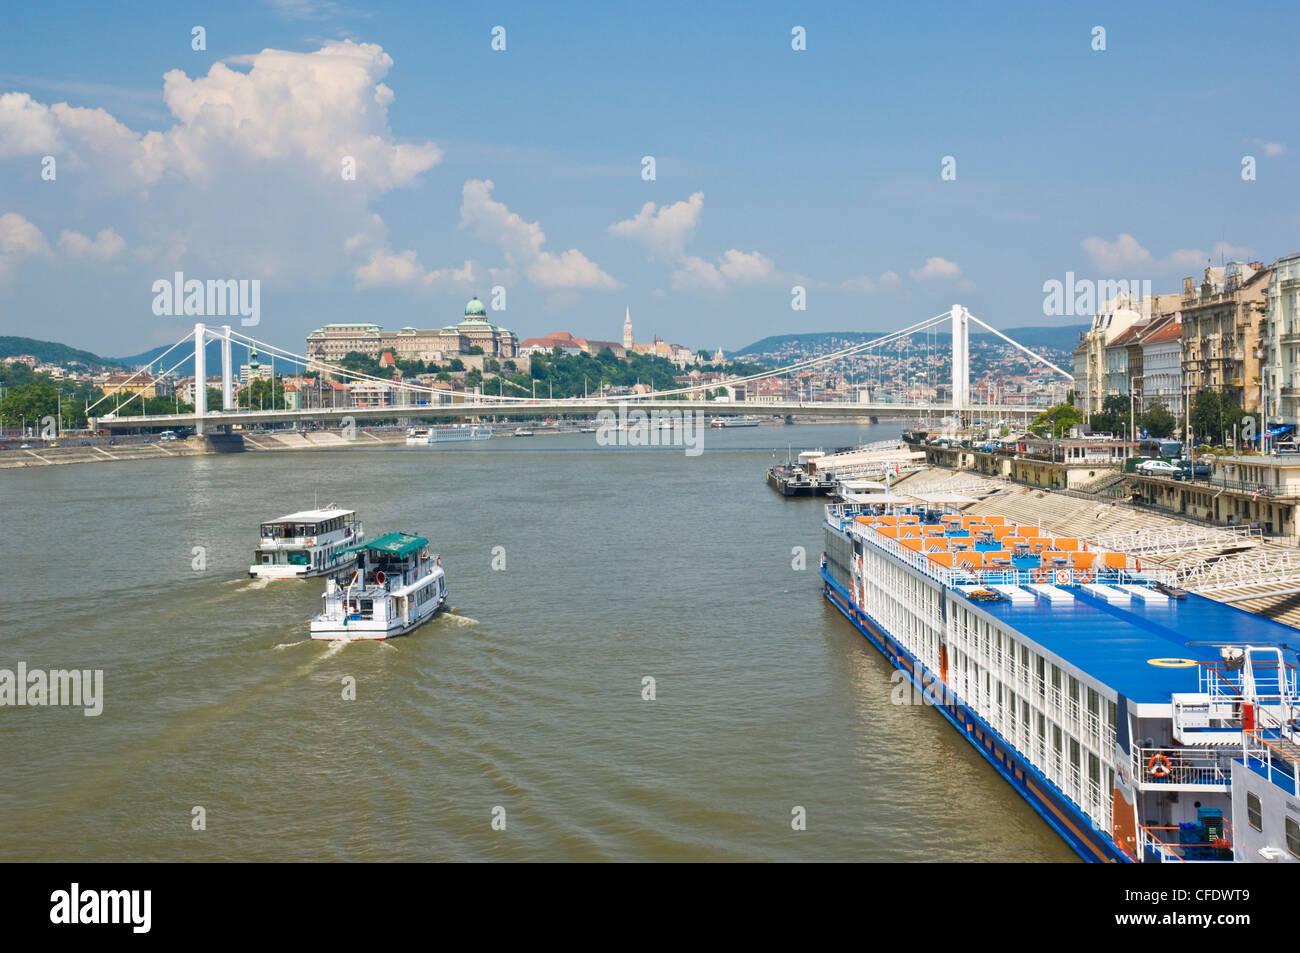 Anzeigen der Elisabethbrücke (Erzebet versteckte) und Kreuzfahrt Schiffe auf der Donau, Budapest, Ungarn, Europa Stockbild